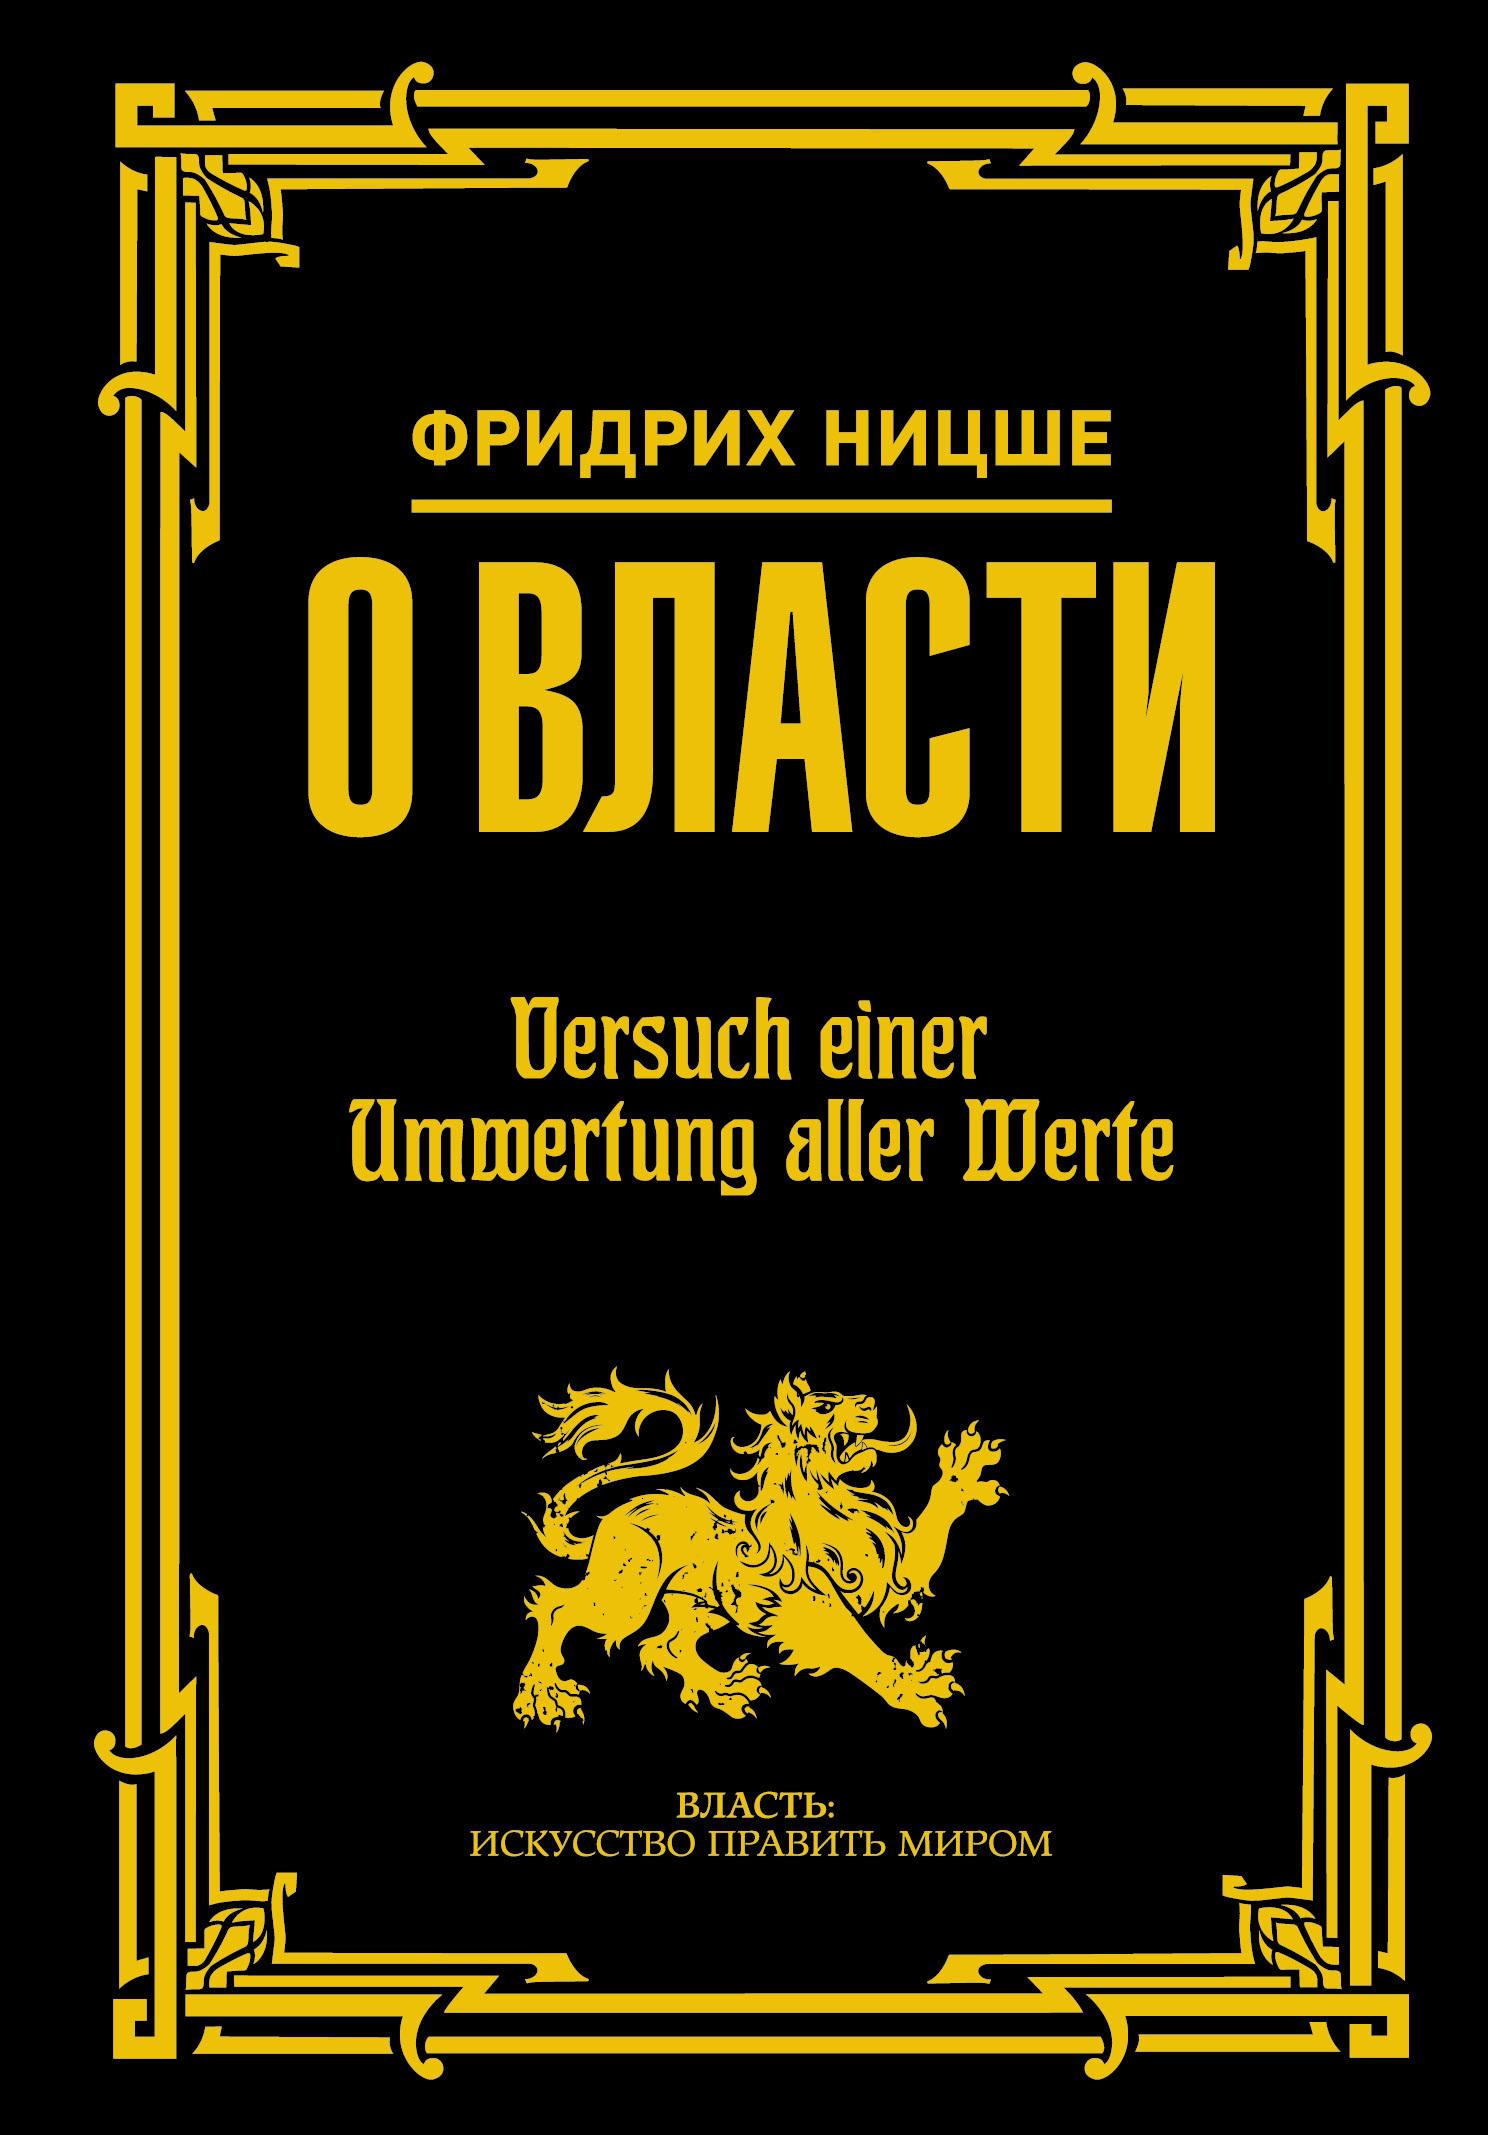 Возьмем книгу в руки 35/10/85/35108559.bin.dir/35108559.cover.jpg обложка